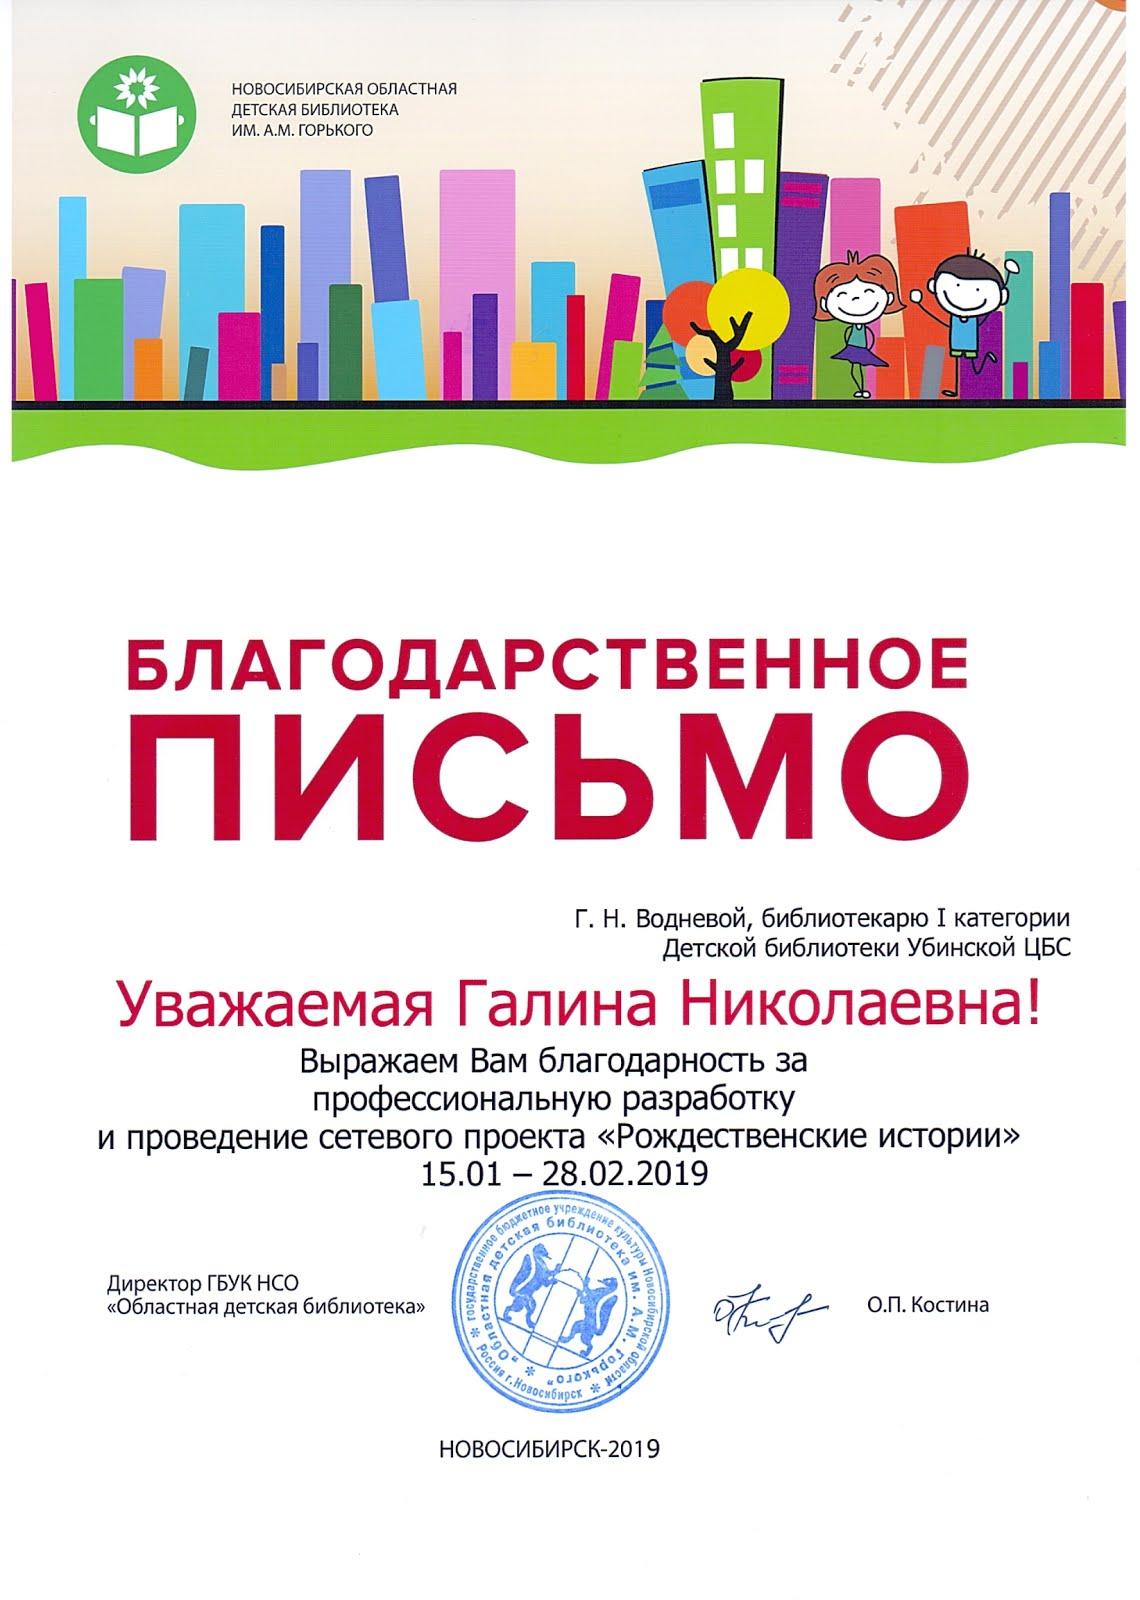 """Проект Рождественские истории 2019"""""""